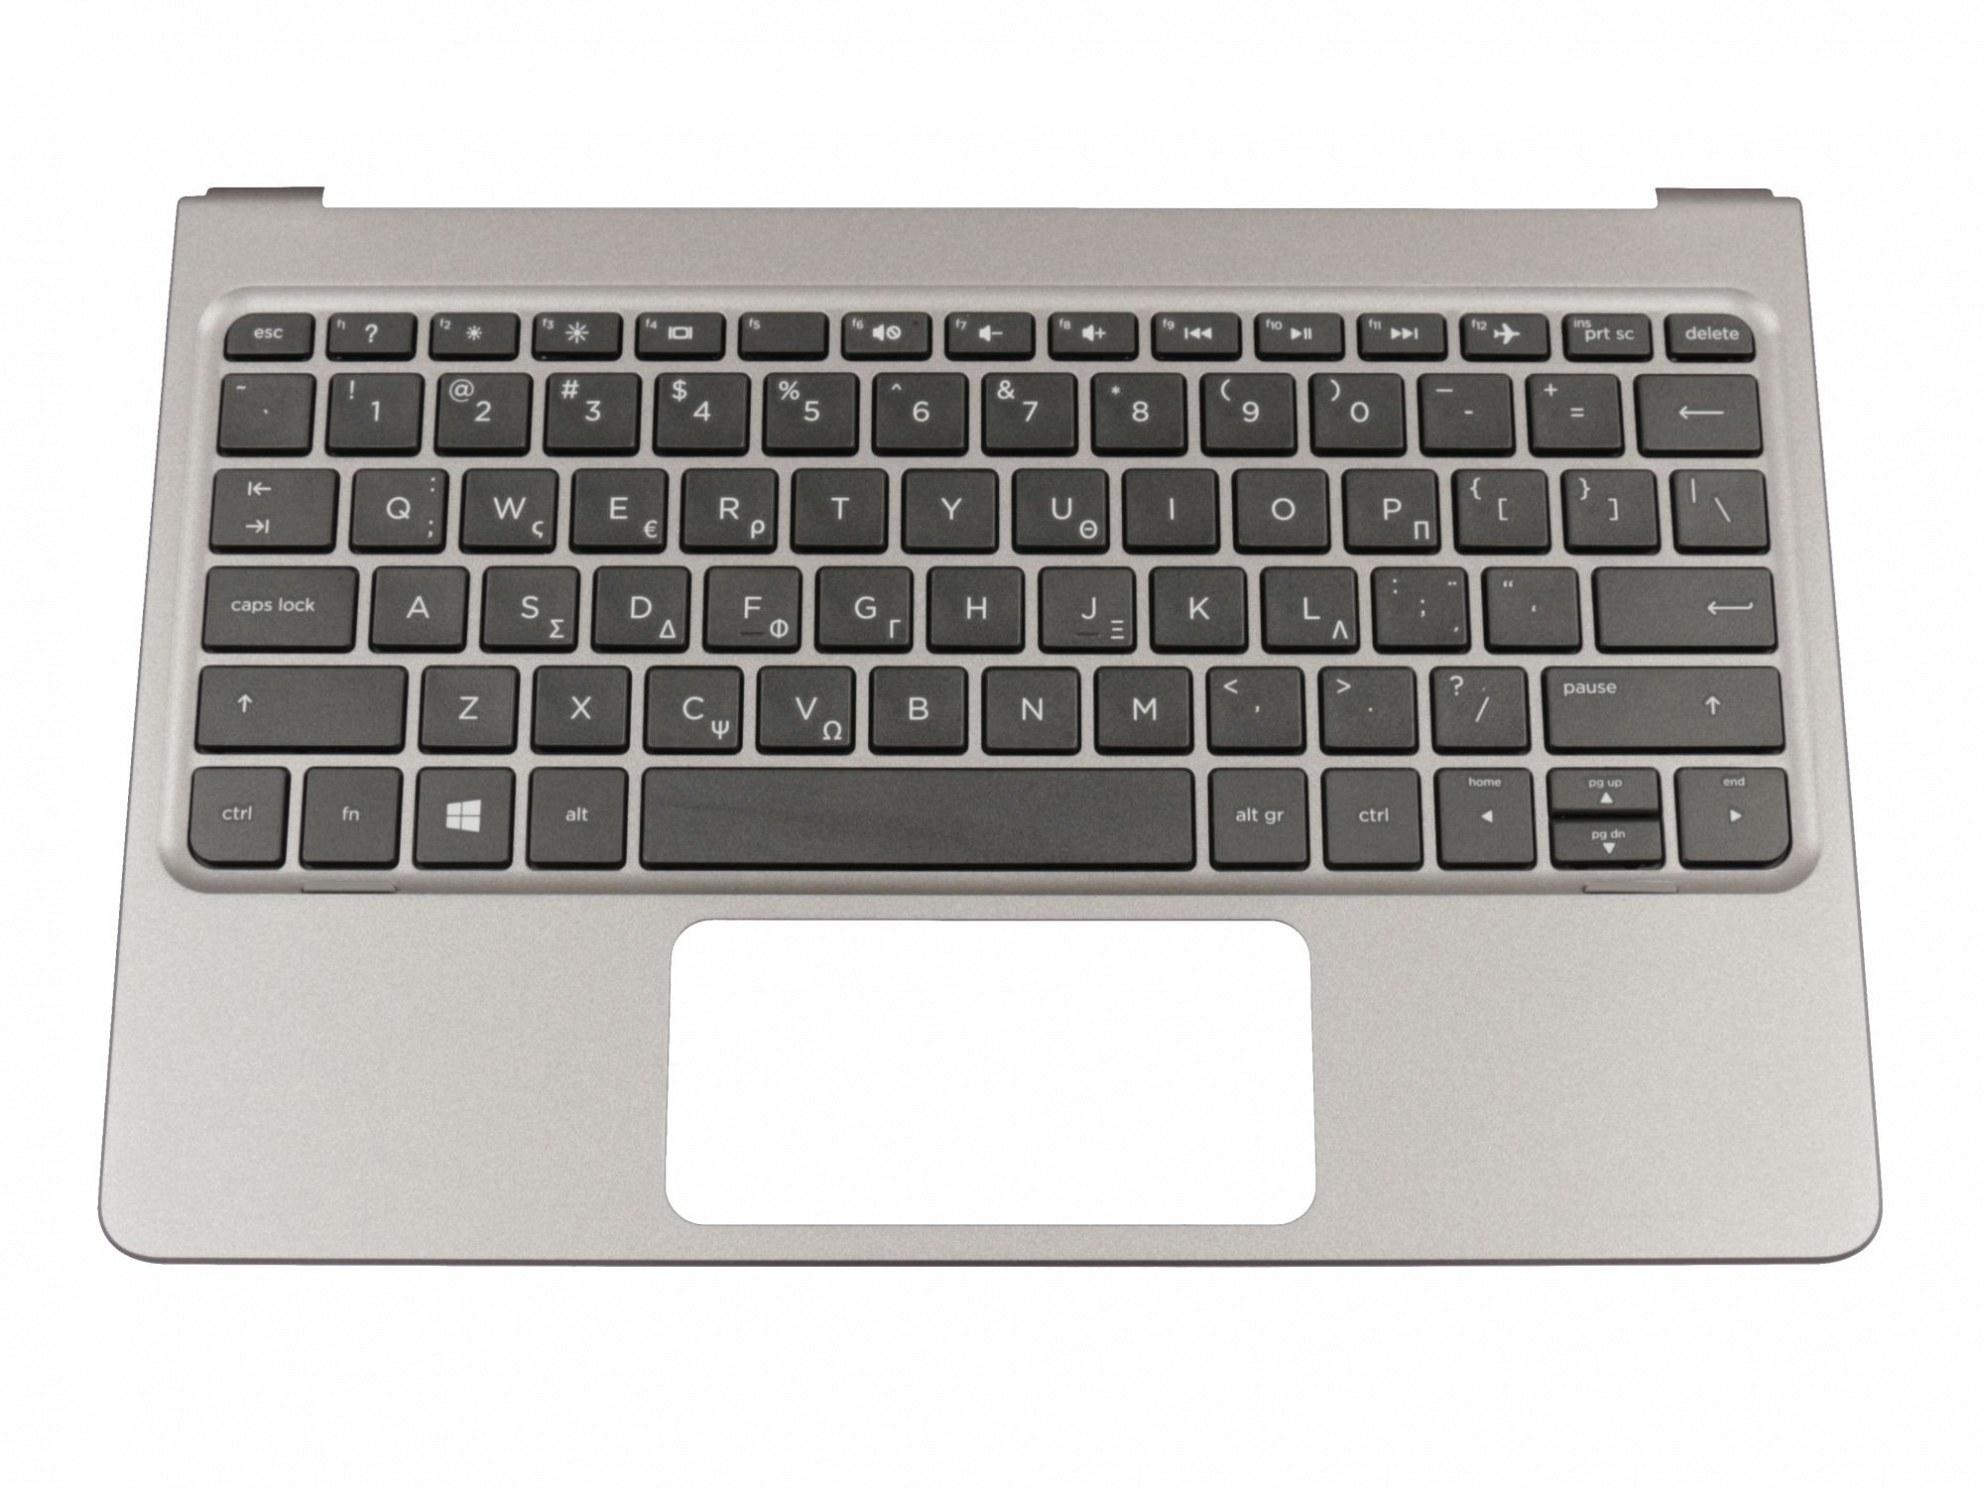 THP10N Tastatur inkl. Topcase GR (griechisch) schwarz/grau Original